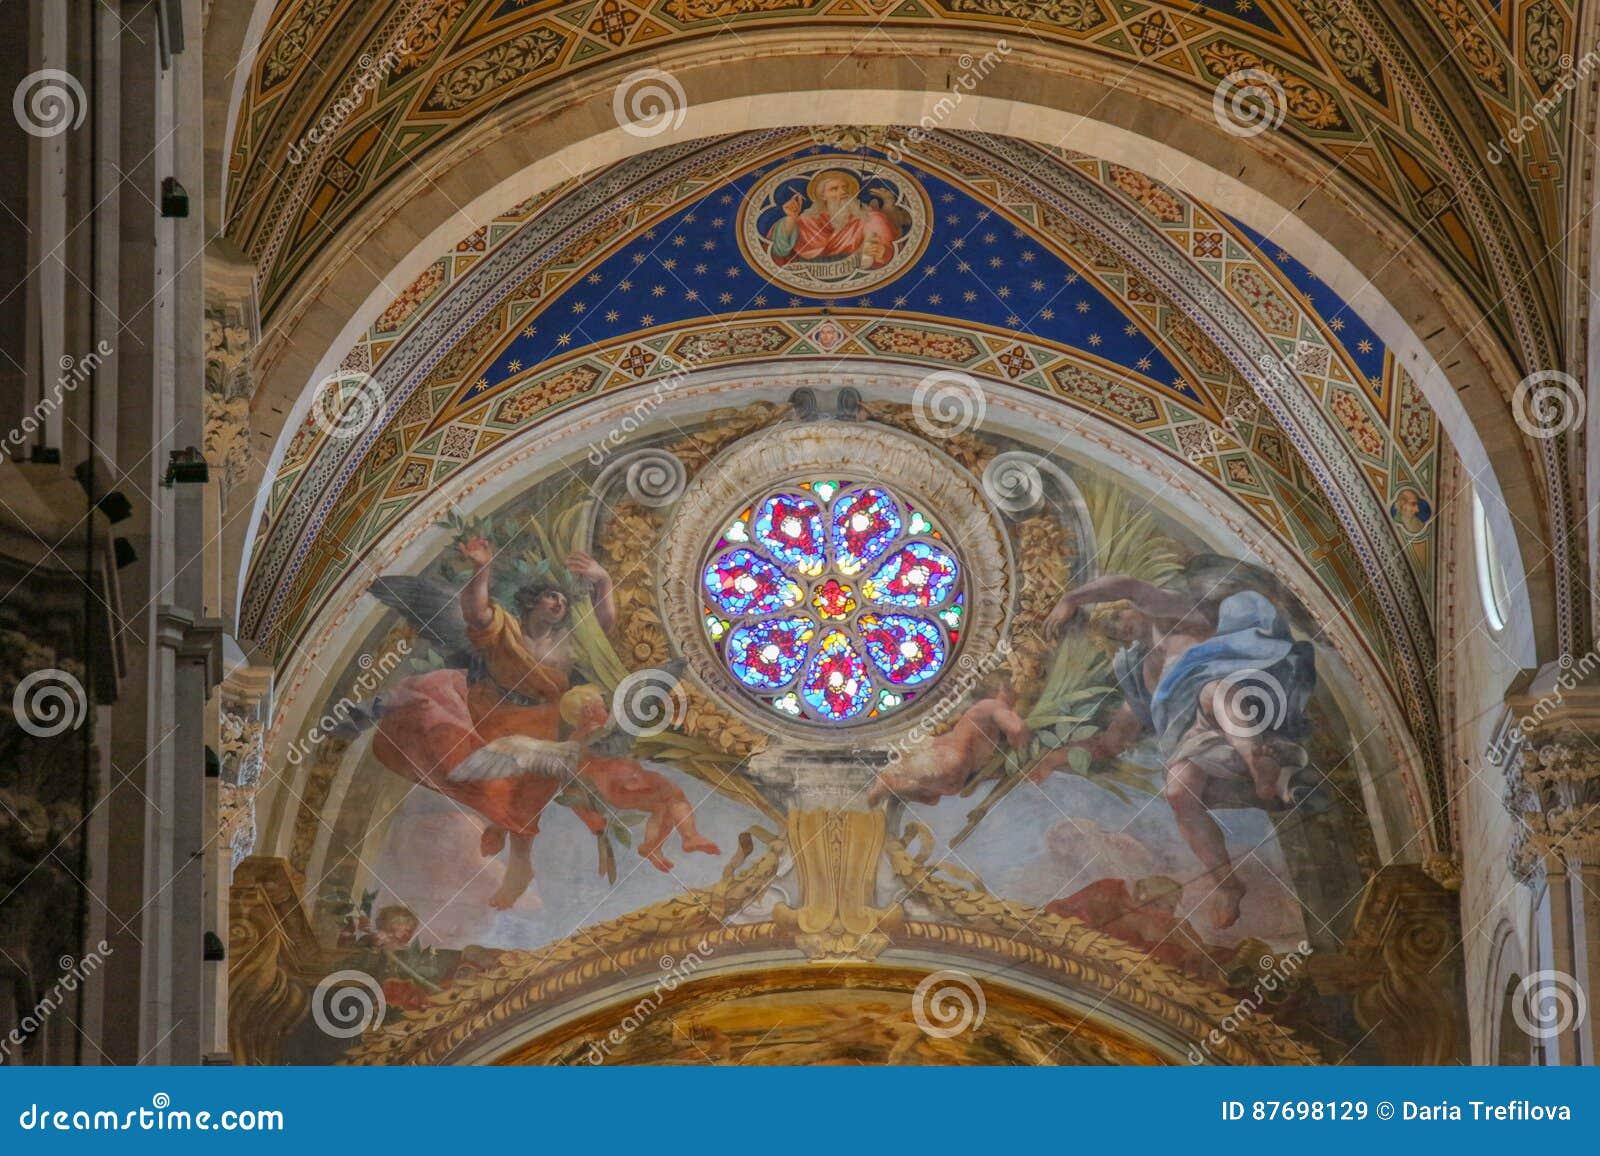 Finestra Di Vetro Macchiato E Dell Affresco Sull Interno Della Cattedrale Di Lucca Cattedrale Di San Martino Tuscany L Italia Immagine Stock Editoriale Immagine Di Soffitto Martin 87698129